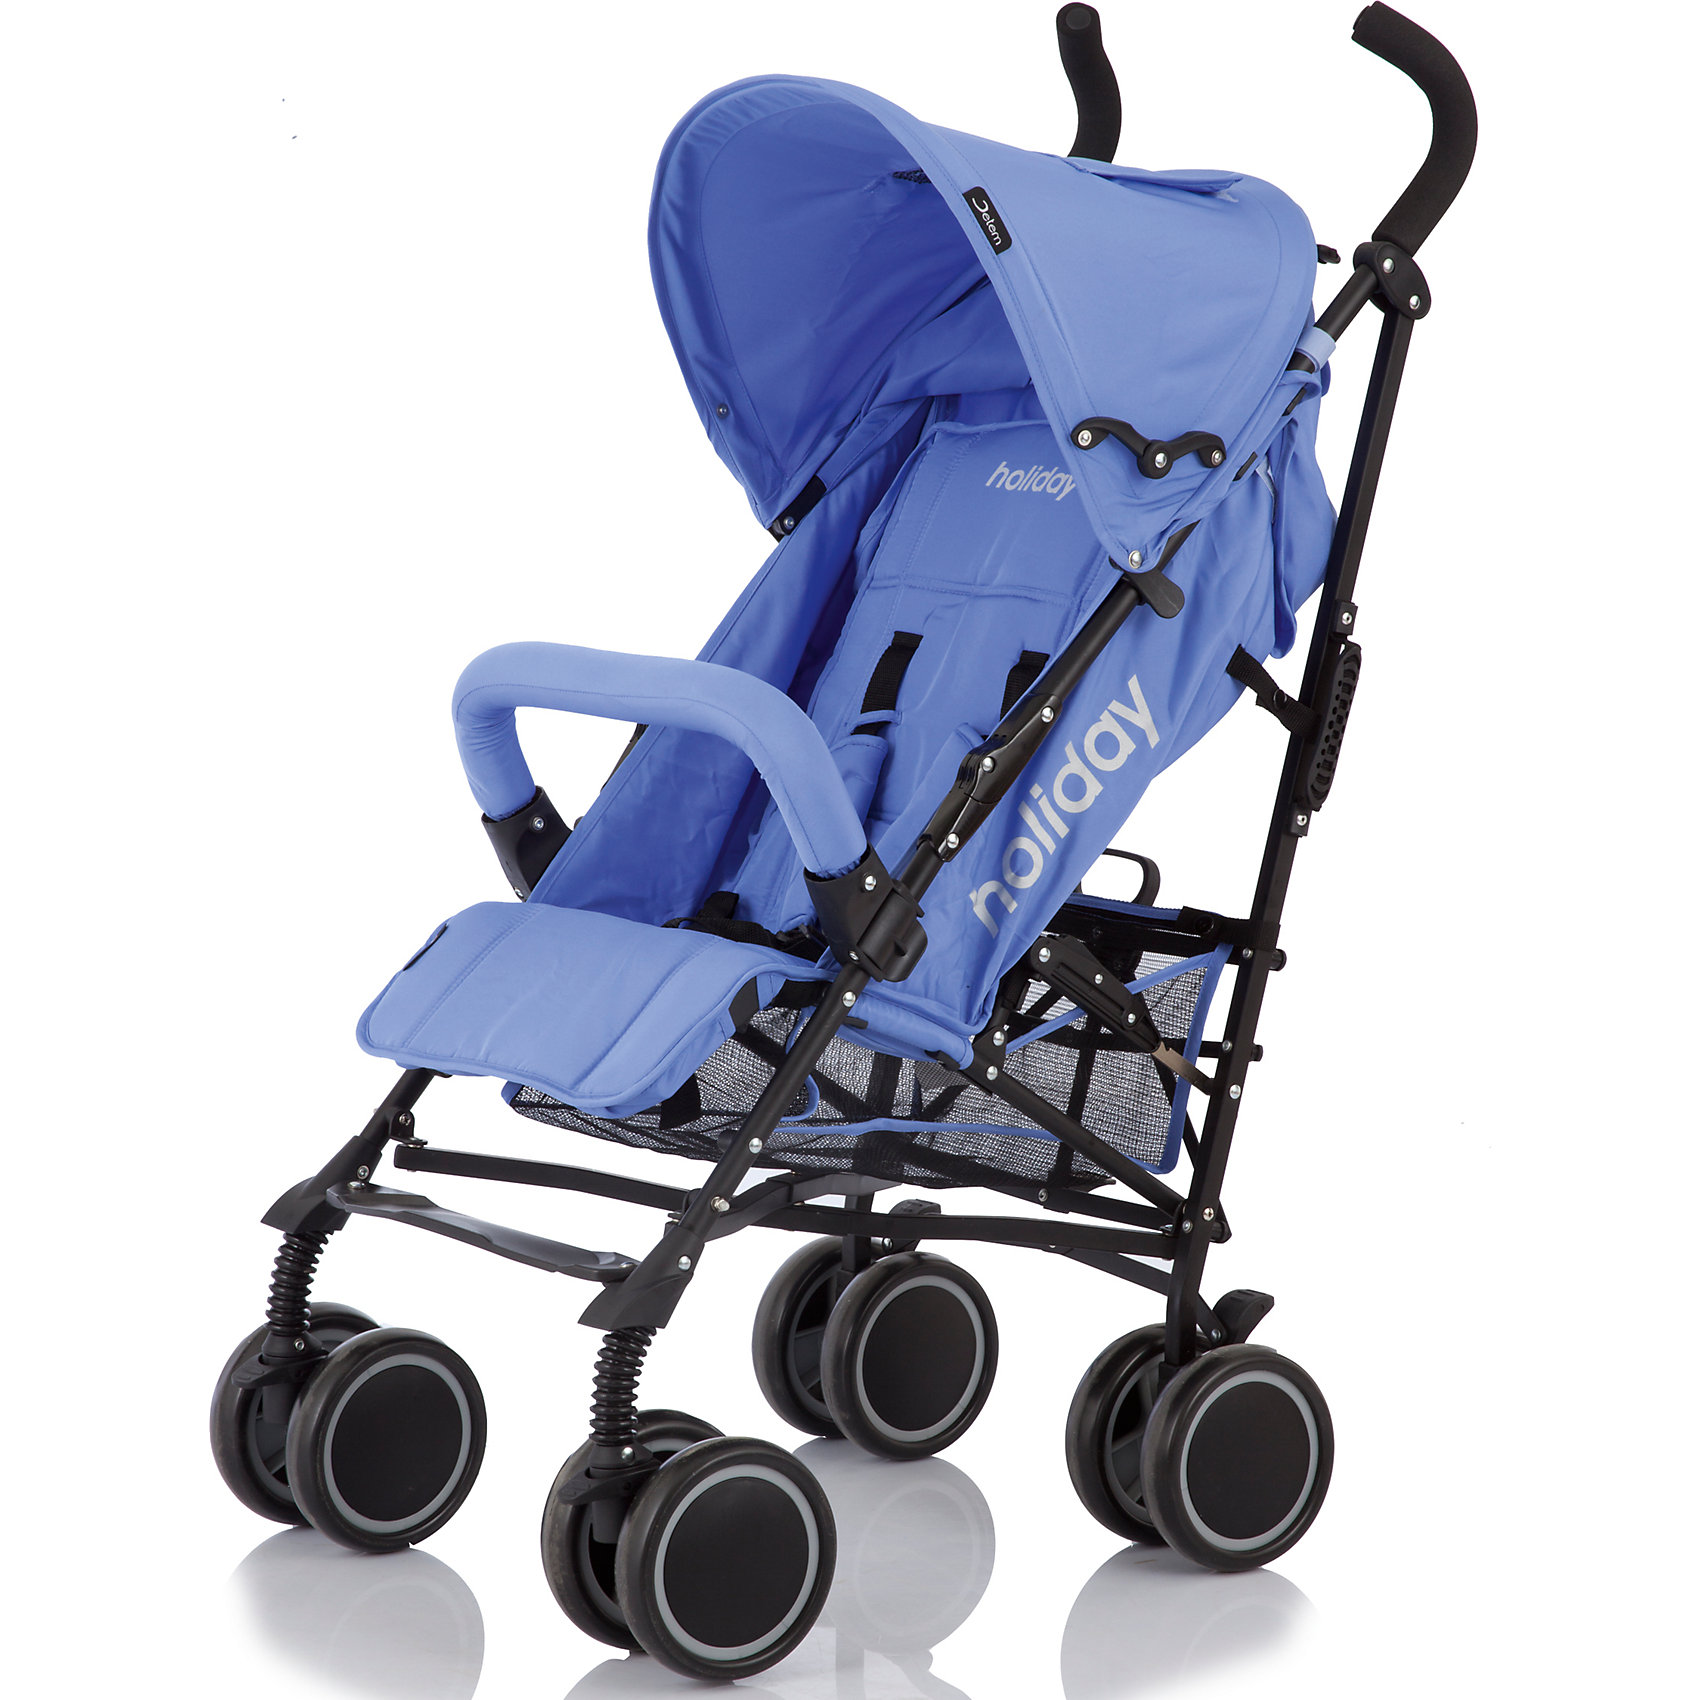 Коляска-трость Jetem Holiday, фиолетовыйНедорогие коляски<br>Jetem Holiday – современная, легкая, компактная, прочная и надежная коляска-трость. Металлическая рама и система амортизации обеспечивают прочность и комфорт при передвижении. Коляска имеет простой, удобный механизм складывания - занимает мало места при хранении; ее удобно перевозить в общественном транспорте, автомобиле. Большой капюшон опускается до бампера, спинка может принимать горизонтальное положение, а сдвоенные мягкие плавающие  колеса обеспечивают плавный ход и хорошую проходимость. 5-титочечные ремни безопасности, съемный бампер перед ребенком и смотровые окошки в капюшоне гарантируют безопасное и комфортное передвижение. <br><br>Дополнительная информация:<br><br>- Комплектация: коляска, чехол на ножки.<br>- Материал: металл, пластик, текстиль.<br>- Размер: 63х48х107 см.<br>- Размер в сложенном виде: 35х35х115 см.<br>- Ширина шасси: 53 см.<br>- Размер сиденья: 32 см.<br>- Длина спального места: 65 см.<br>- Вес: 7,5 кг.<br>- Тип колес: пластиковые.<br>- Количество колес: 4 (сдвоенные).<br>- Диаметр колес: 15 см.<br>- Цвет: фиолетовый.<br>- Передние колеса поворотные, с возможностью блокировки.<br>- Система амортизации.<br>- Стояночный тормоз.<br>- 5-титочечные ремни безопасности.<br>- Съемный бампер.<br>- Регулировка спинки в 3 положениях (до 160 градусов).<br>- Козырек может опускаться до бампера.<br>- Регулируемая подножка.<br>- Вместительная корзина.<br>- Ручка для переноски в сложенном виде.<br><br>Коляску-трость Holiday, Jetem (Жетем), фиолетовую, можно купить в нашем магазине.<br><br>Ширина мм: 1080<br>Глубина мм: 250<br>Высота мм: 230<br>Вес г: 10500<br>Возраст от месяцев: 6<br>Возраст до месяцев: 36<br>Пол: Унисекс<br>Возраст: Детский<br>SKU: 3995782